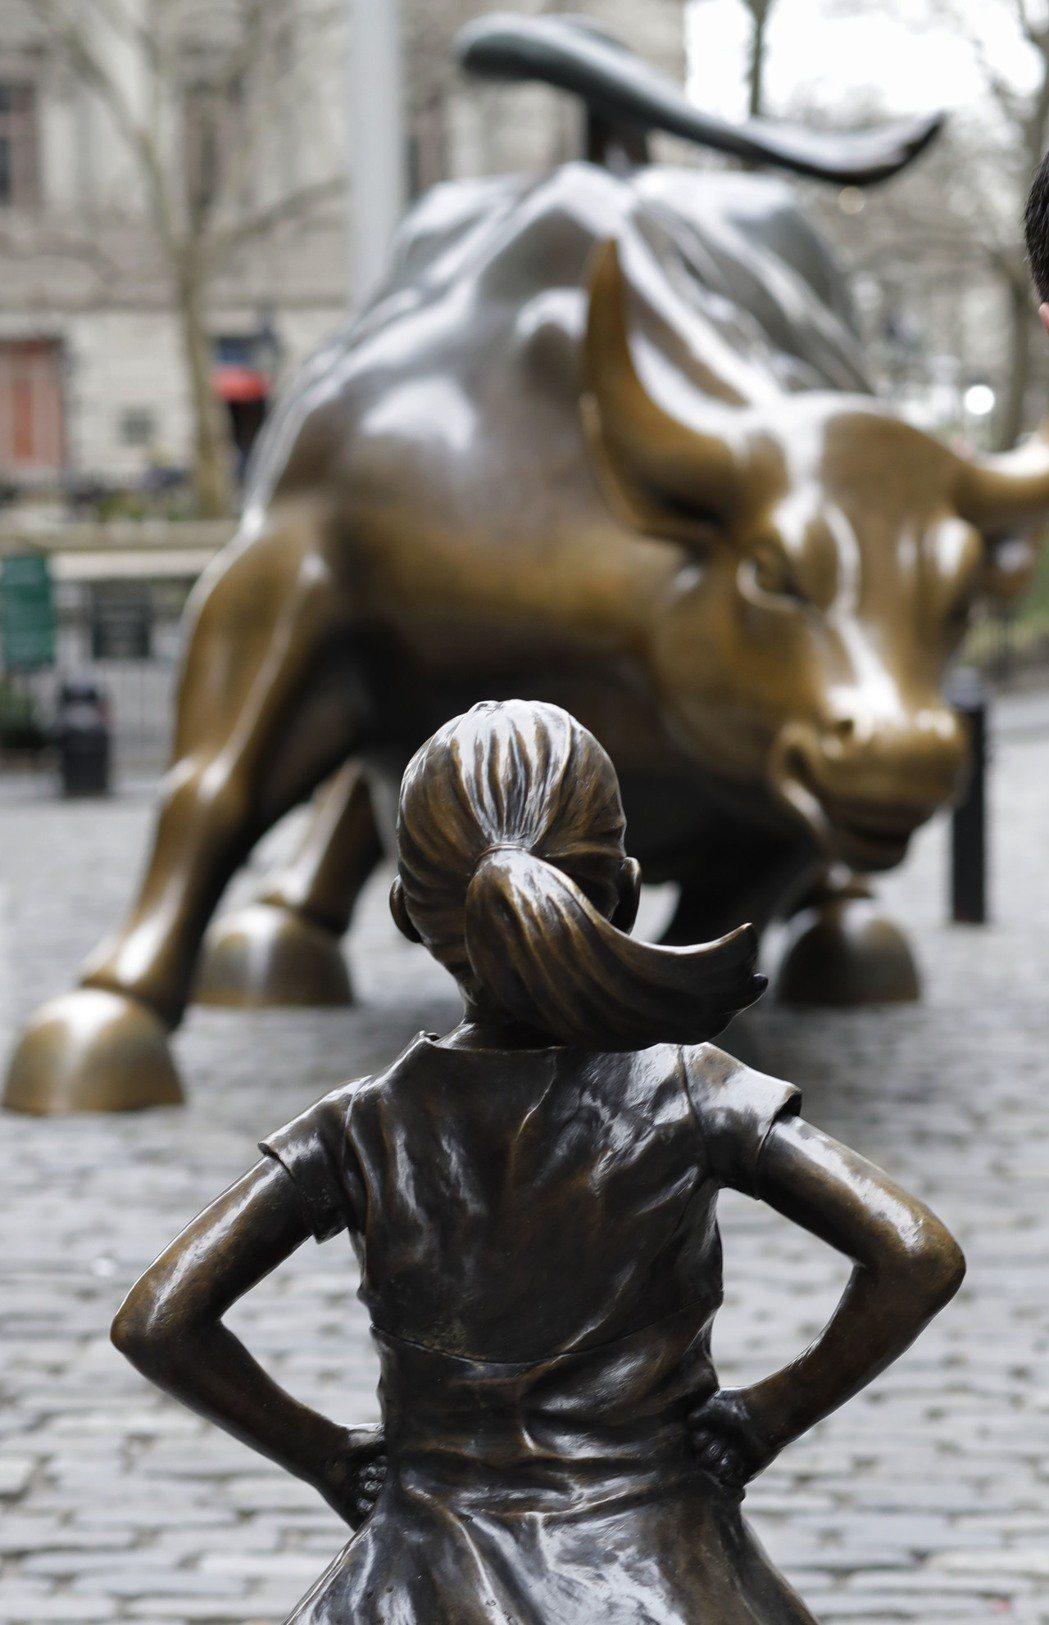 【重磅快評】無畏女孩、衝鋒公牛與股神的「玩笑話」